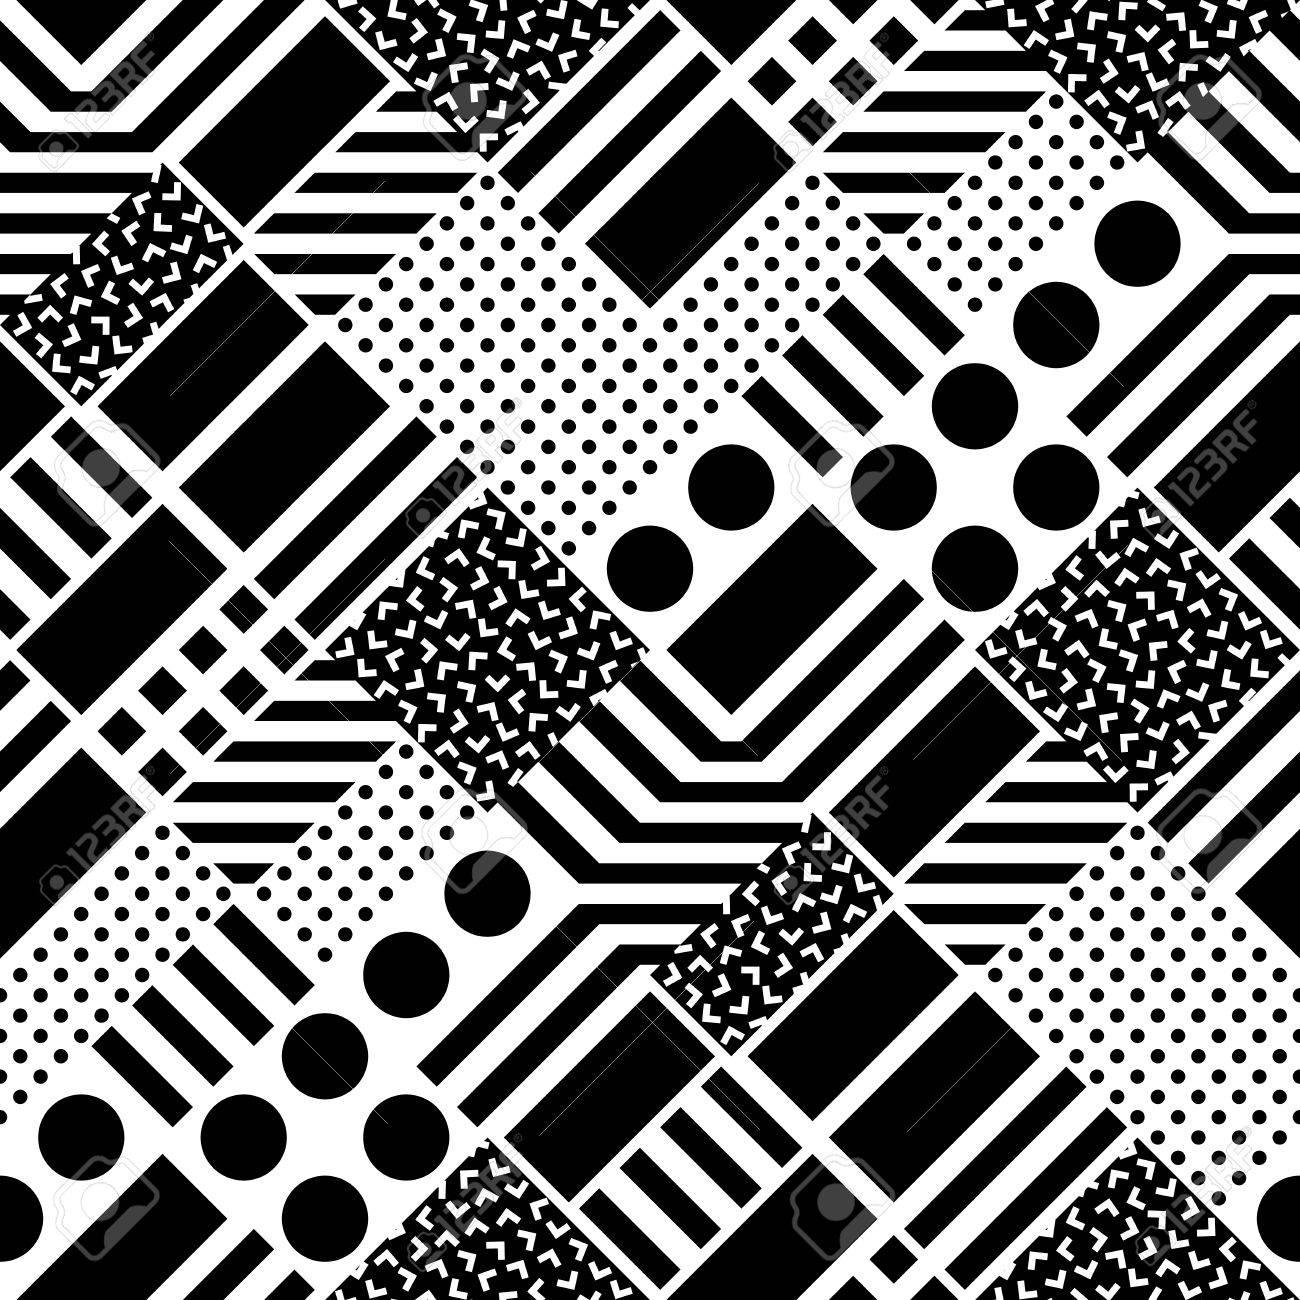 Carrelage De Formes Géométriques Décoratives Modèle Irrégulier à La - Carrelage à la mode